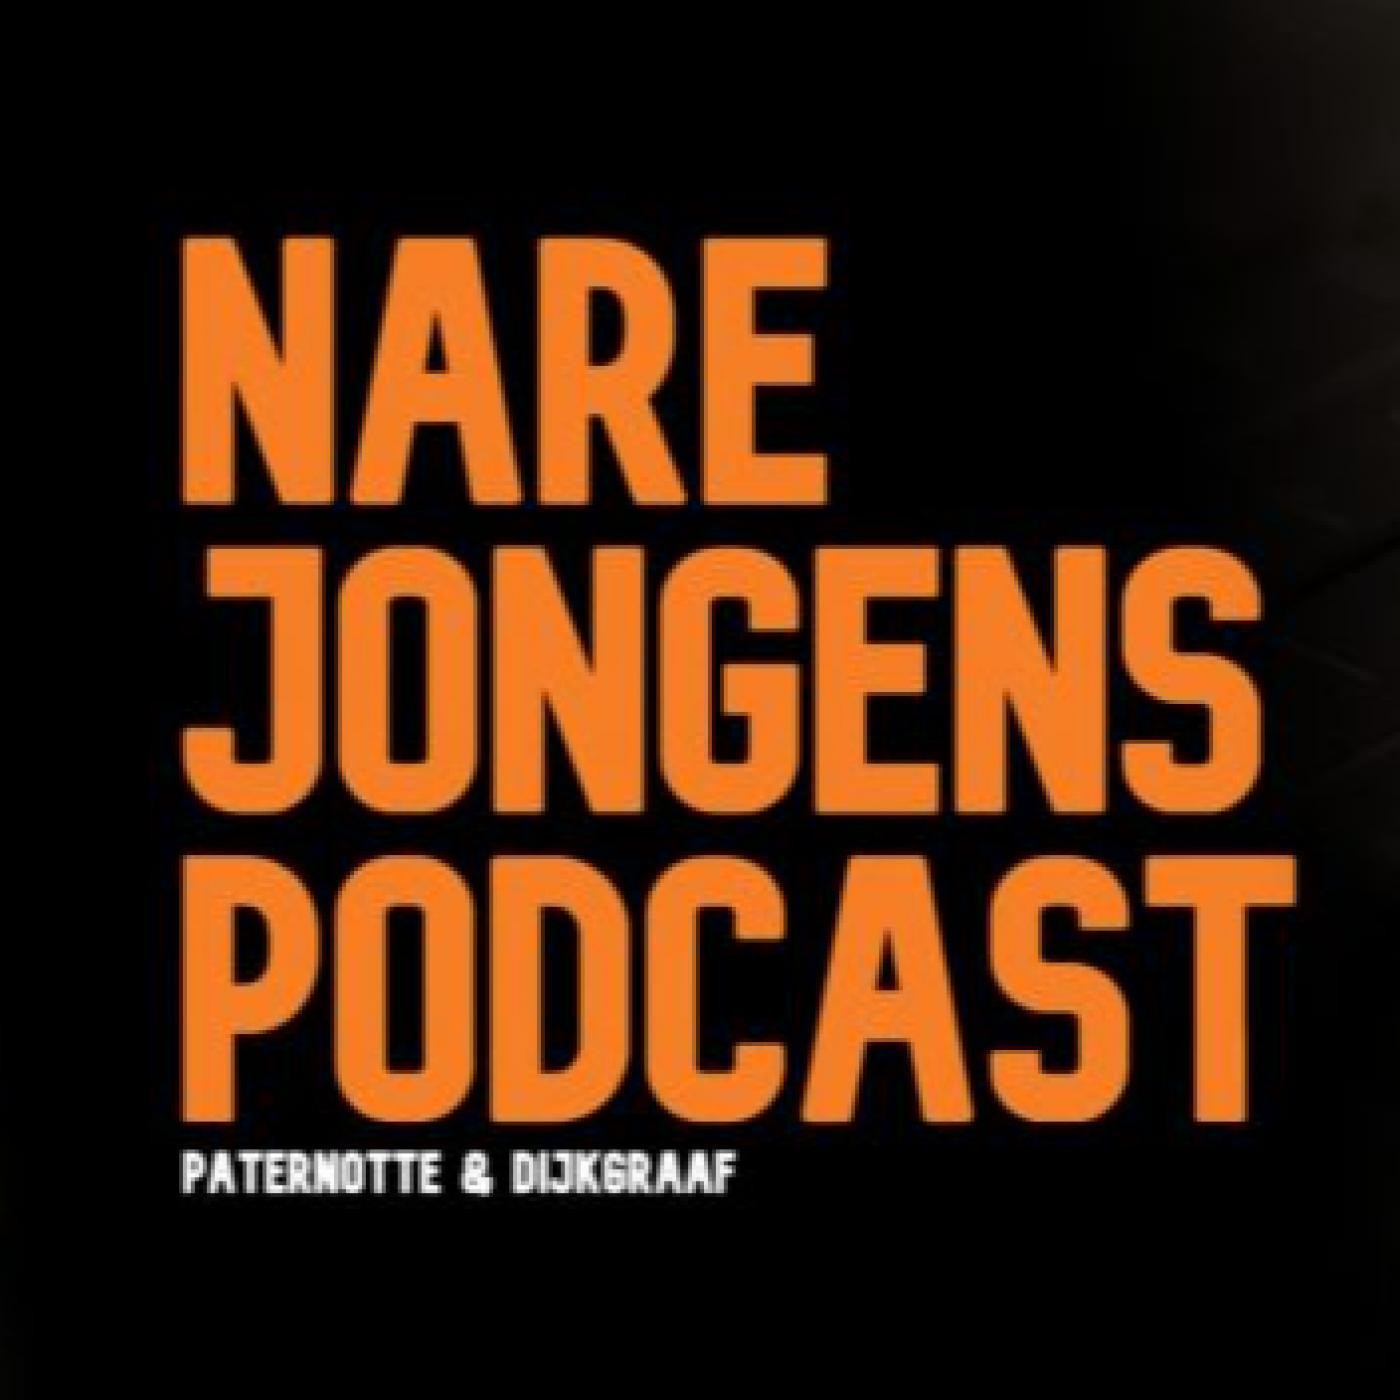 Nare Jongens Podcast logo